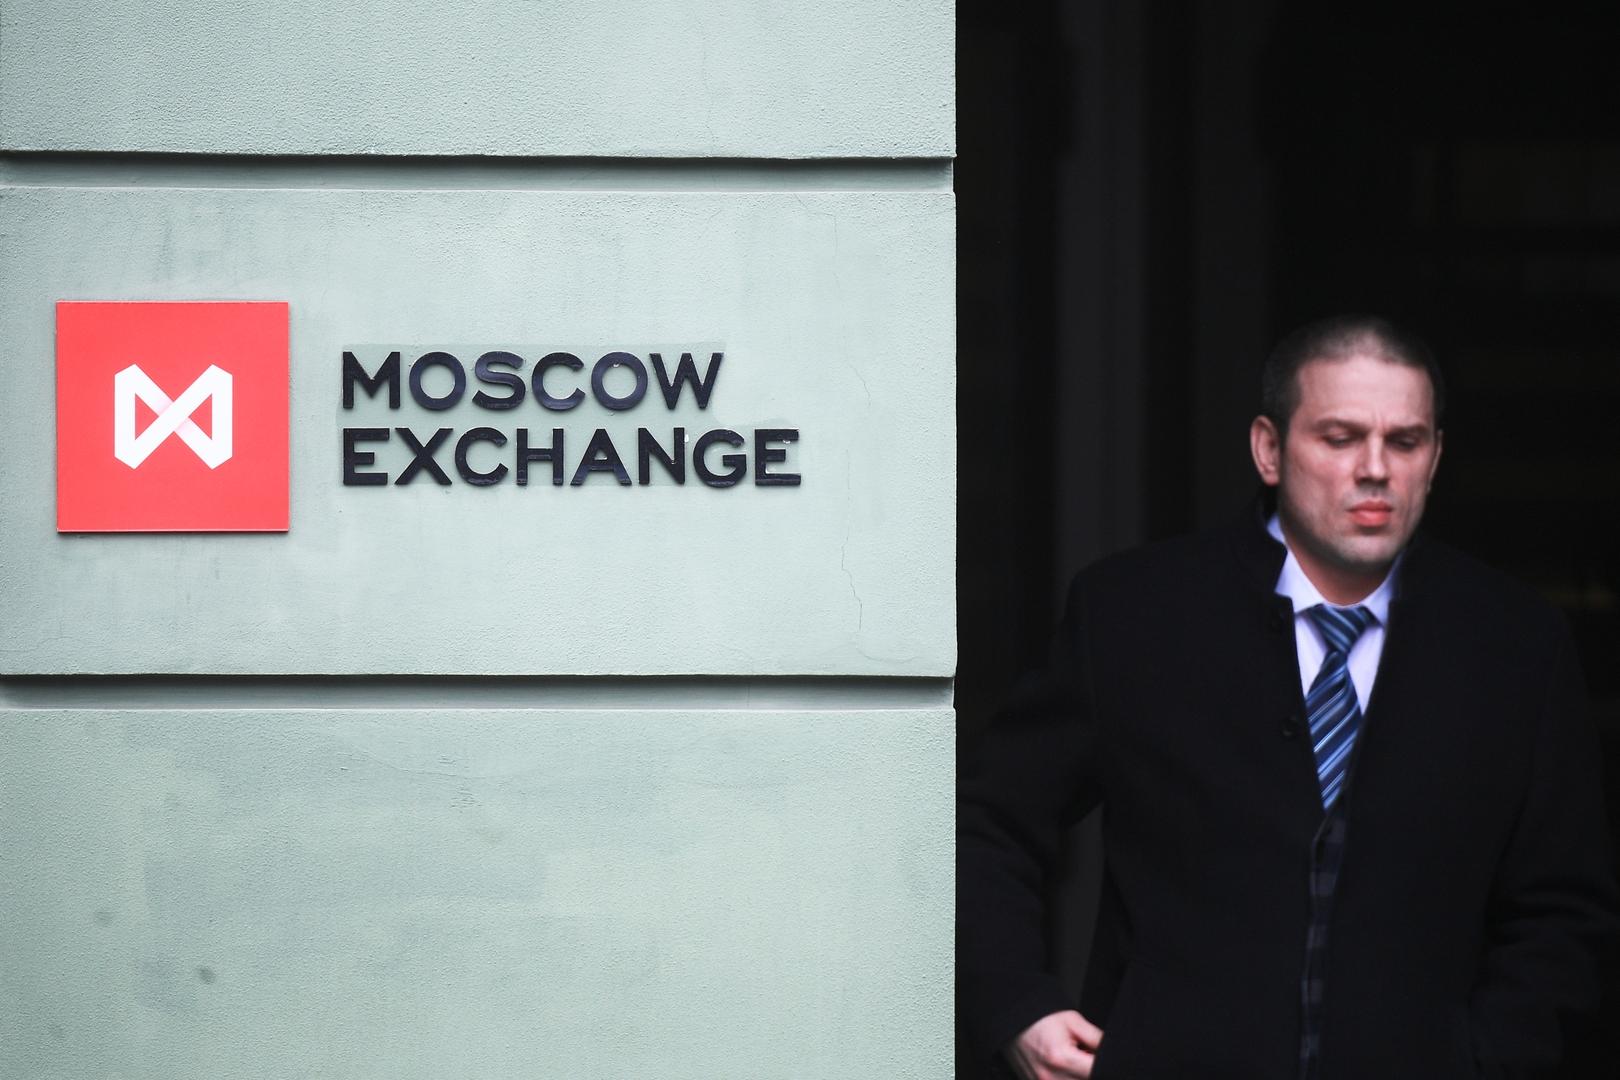 بورصة موسكو ترتفع بشكل ملحوظ